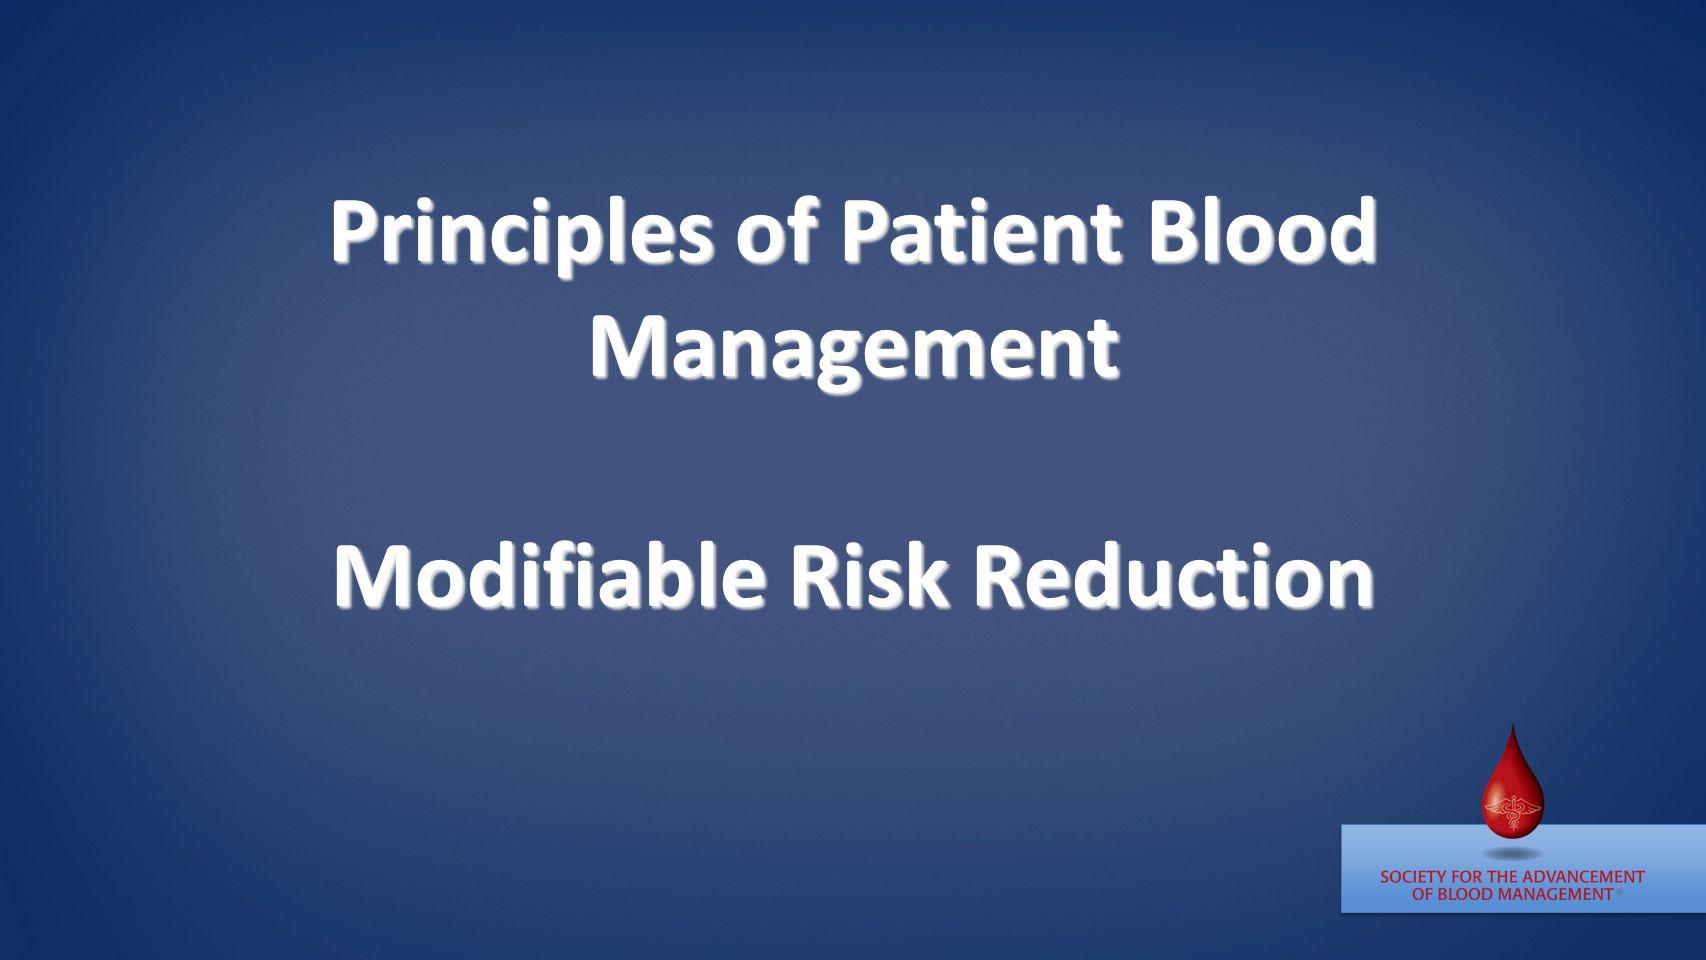 Principles of Patient Blood Management Modifiable Risk Reduction